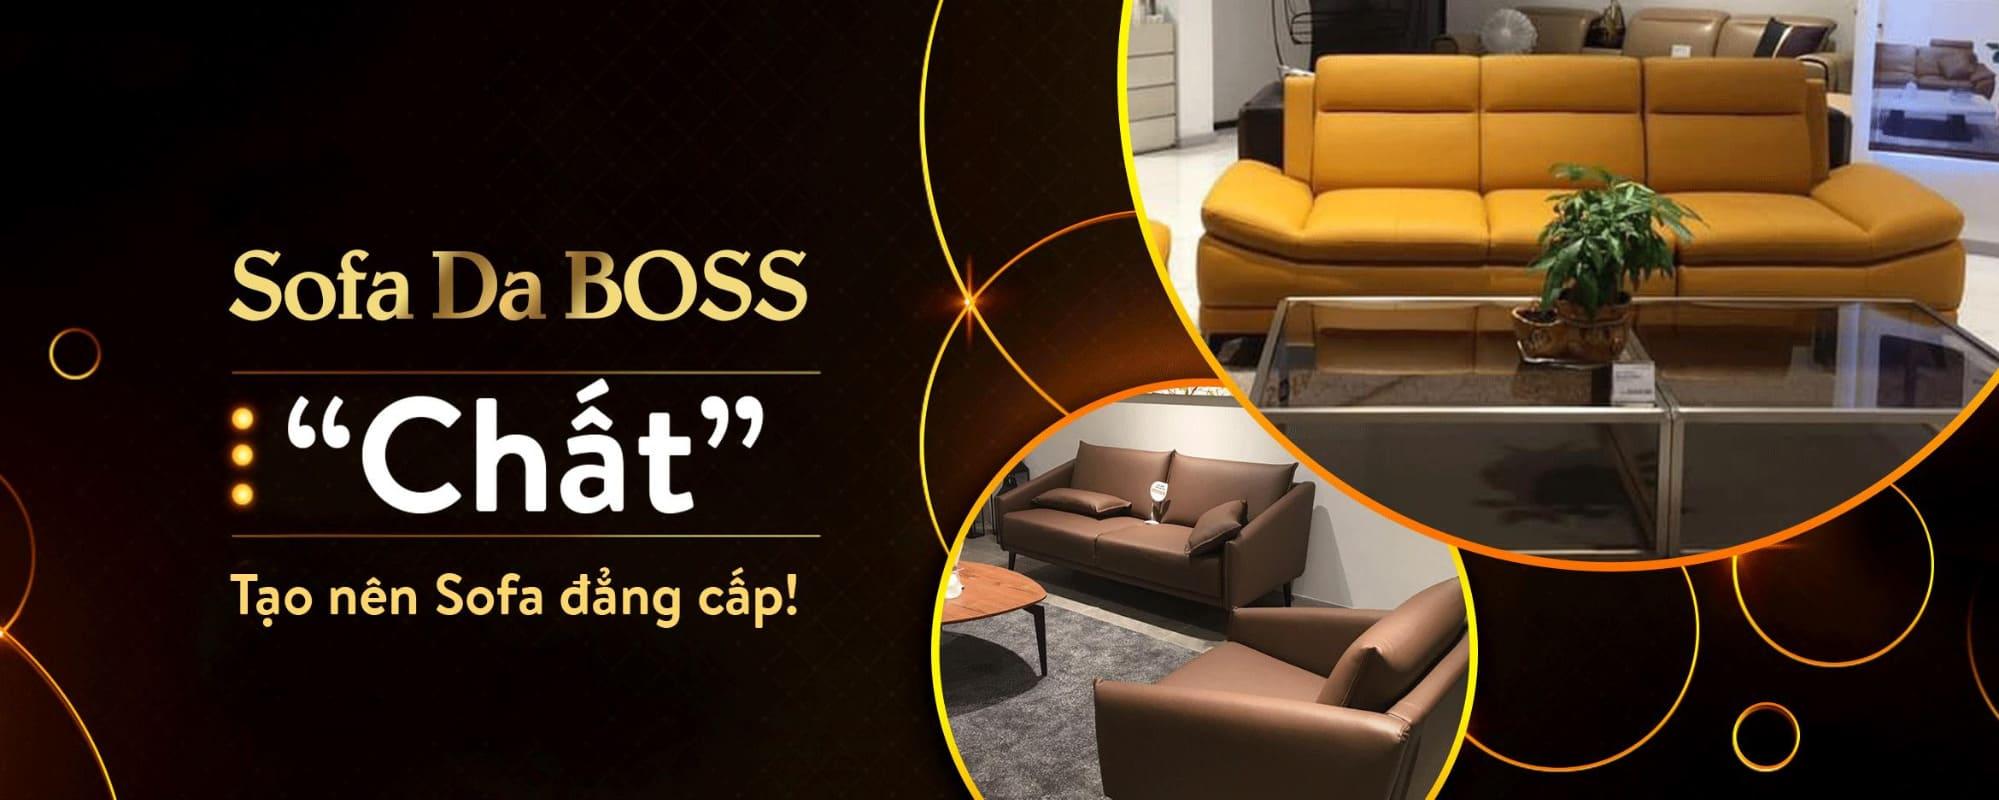 mẫu banner quảng cáo ghế sofa